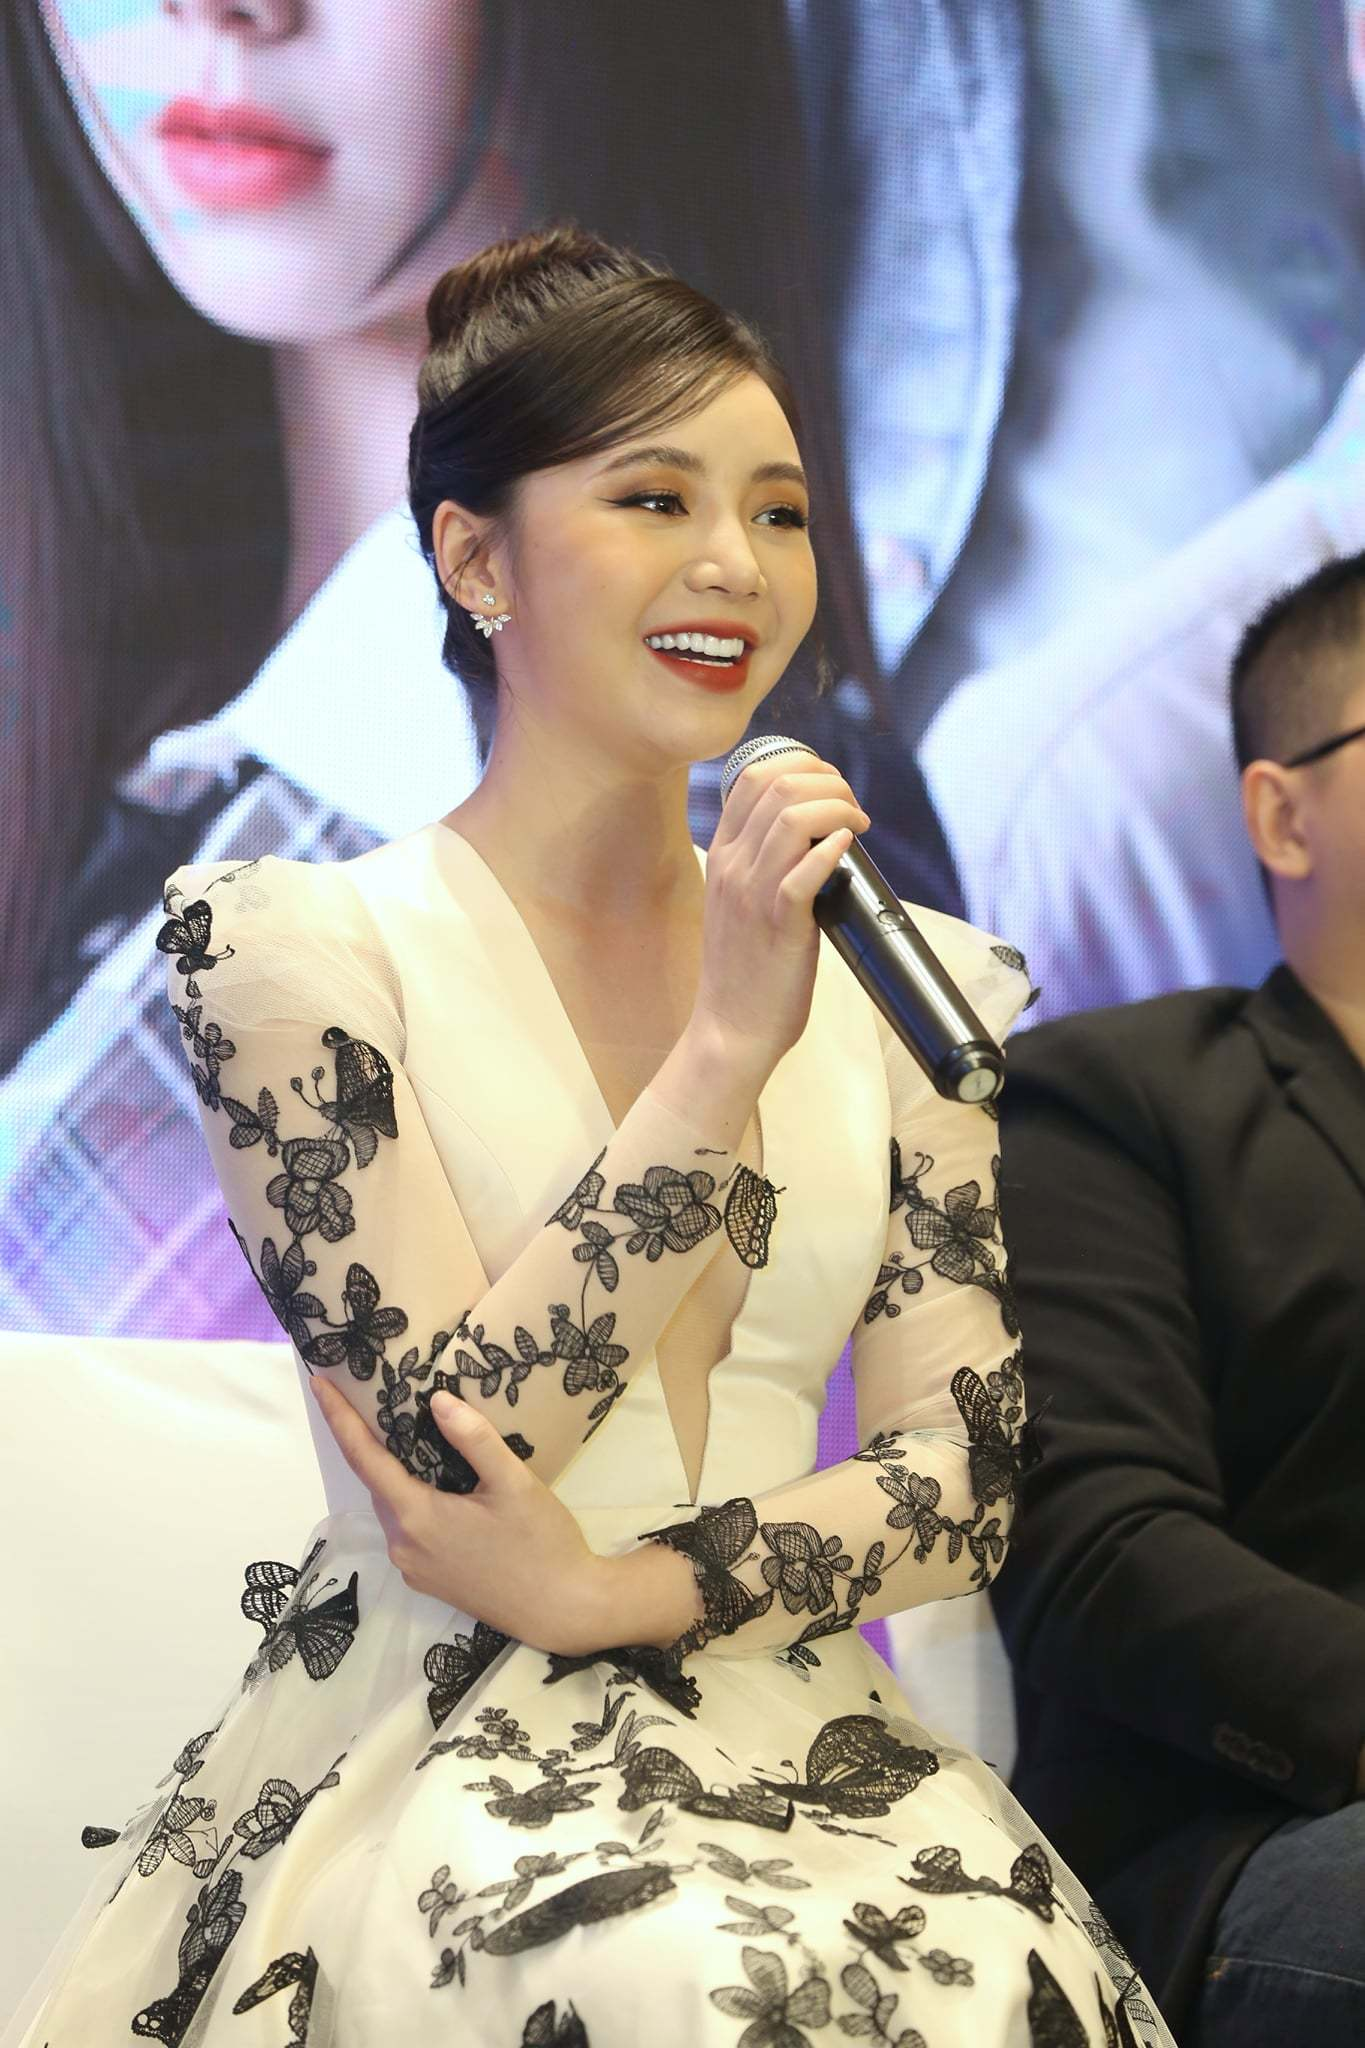 Quỳnh Kool bị đánh suốt 8 tiếng vì cảnh ghen tuông trên phim